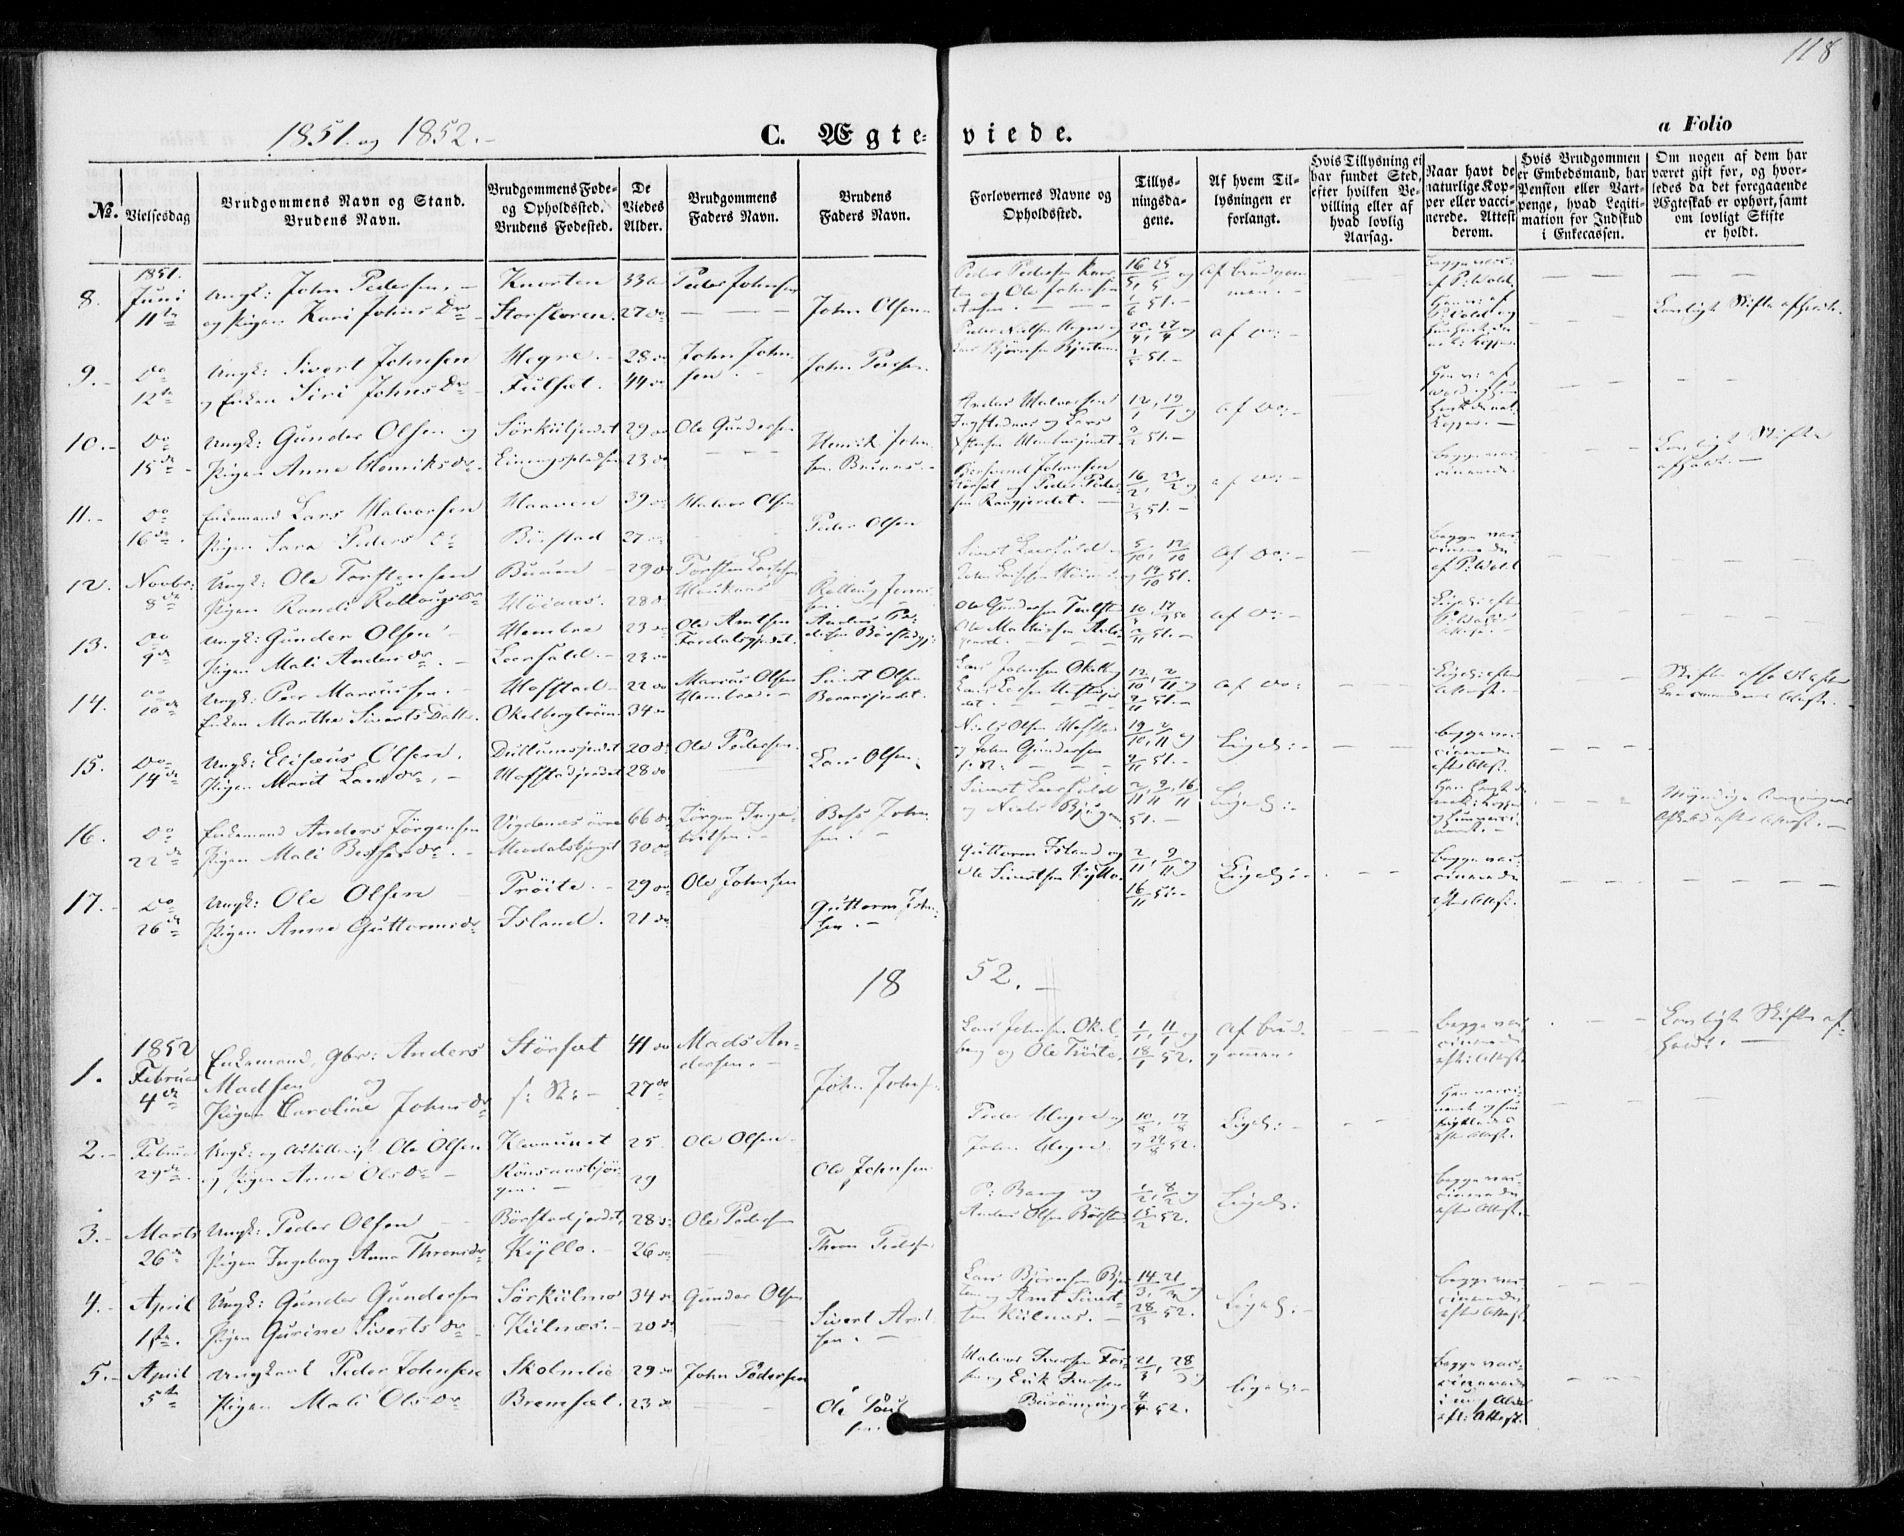 SAT, Ministerialprotokoller, klokkerbøker og fødselsregistre - Nord-Trøndelag, 703/L0028: Ministerialbok nr. 703A01, 1850-1862, s. 118